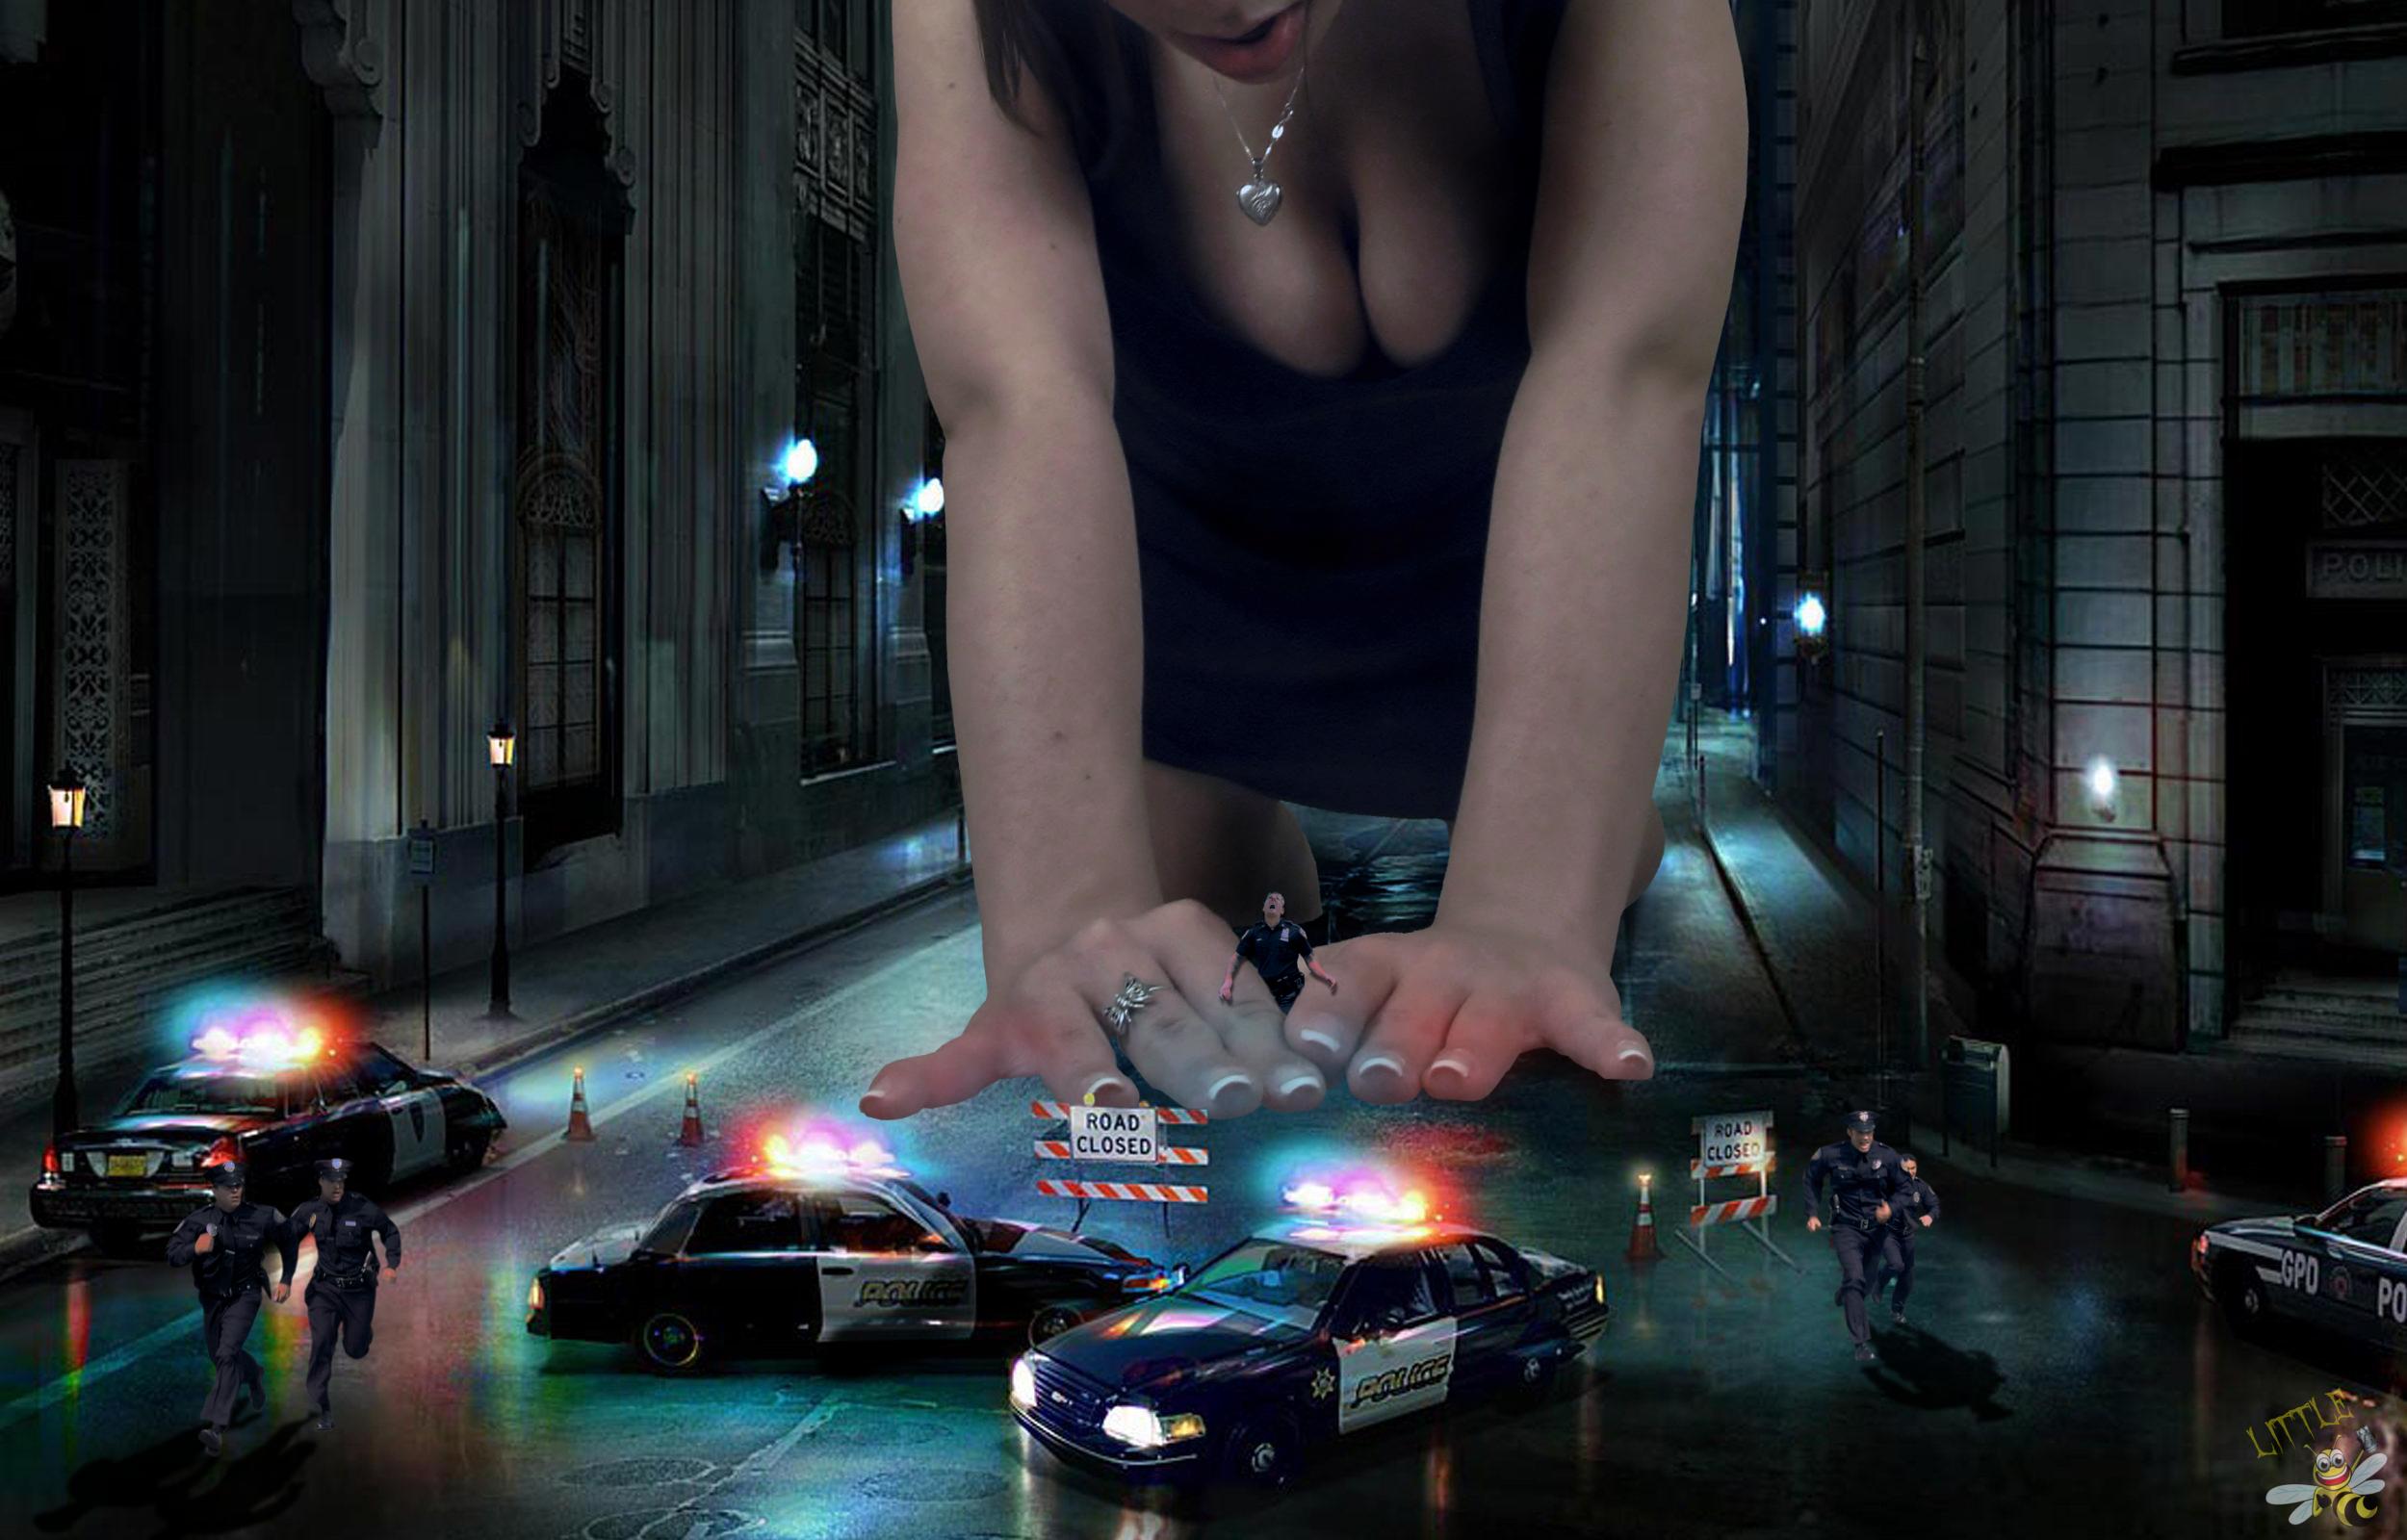 katelyn vs police